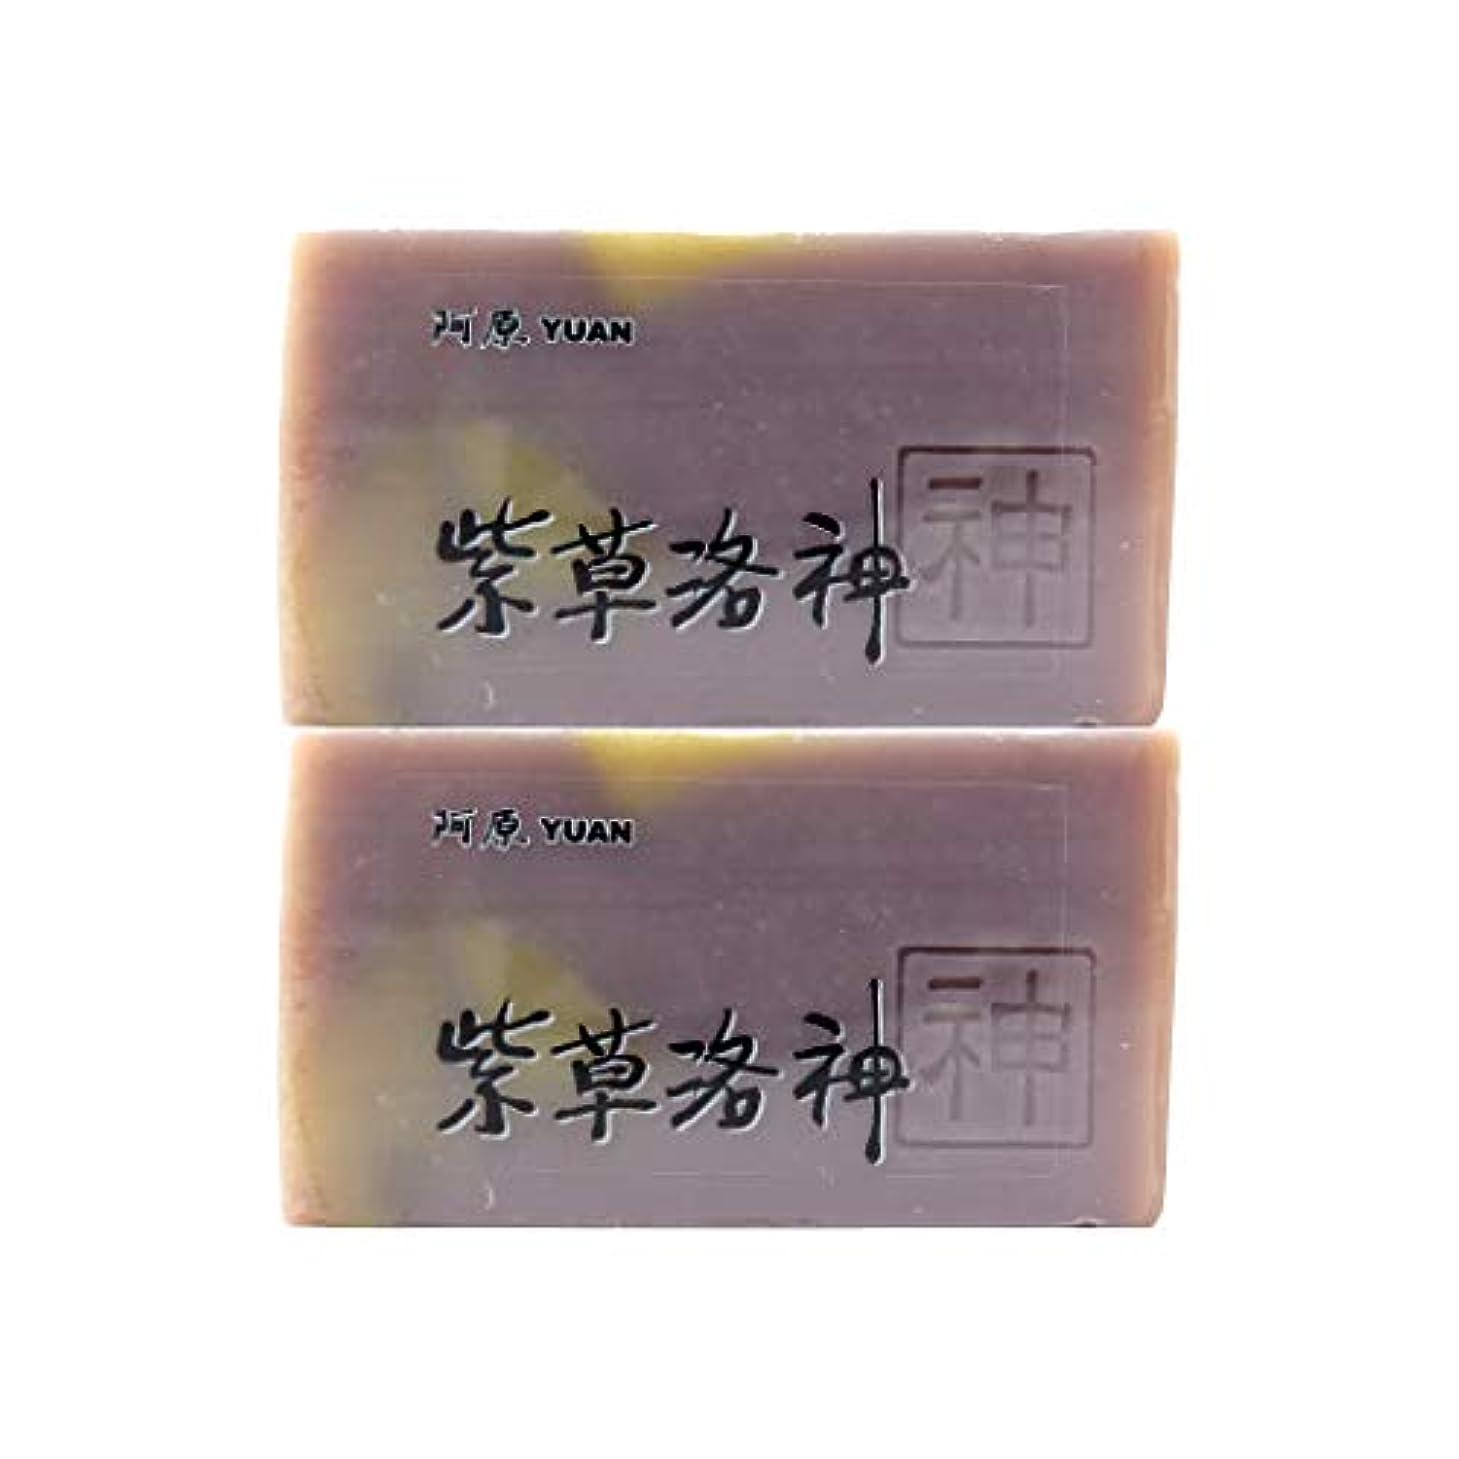 文化便利アイスクリームユアン(YUAN) ハイビスカスソープ 100g (2個セット)